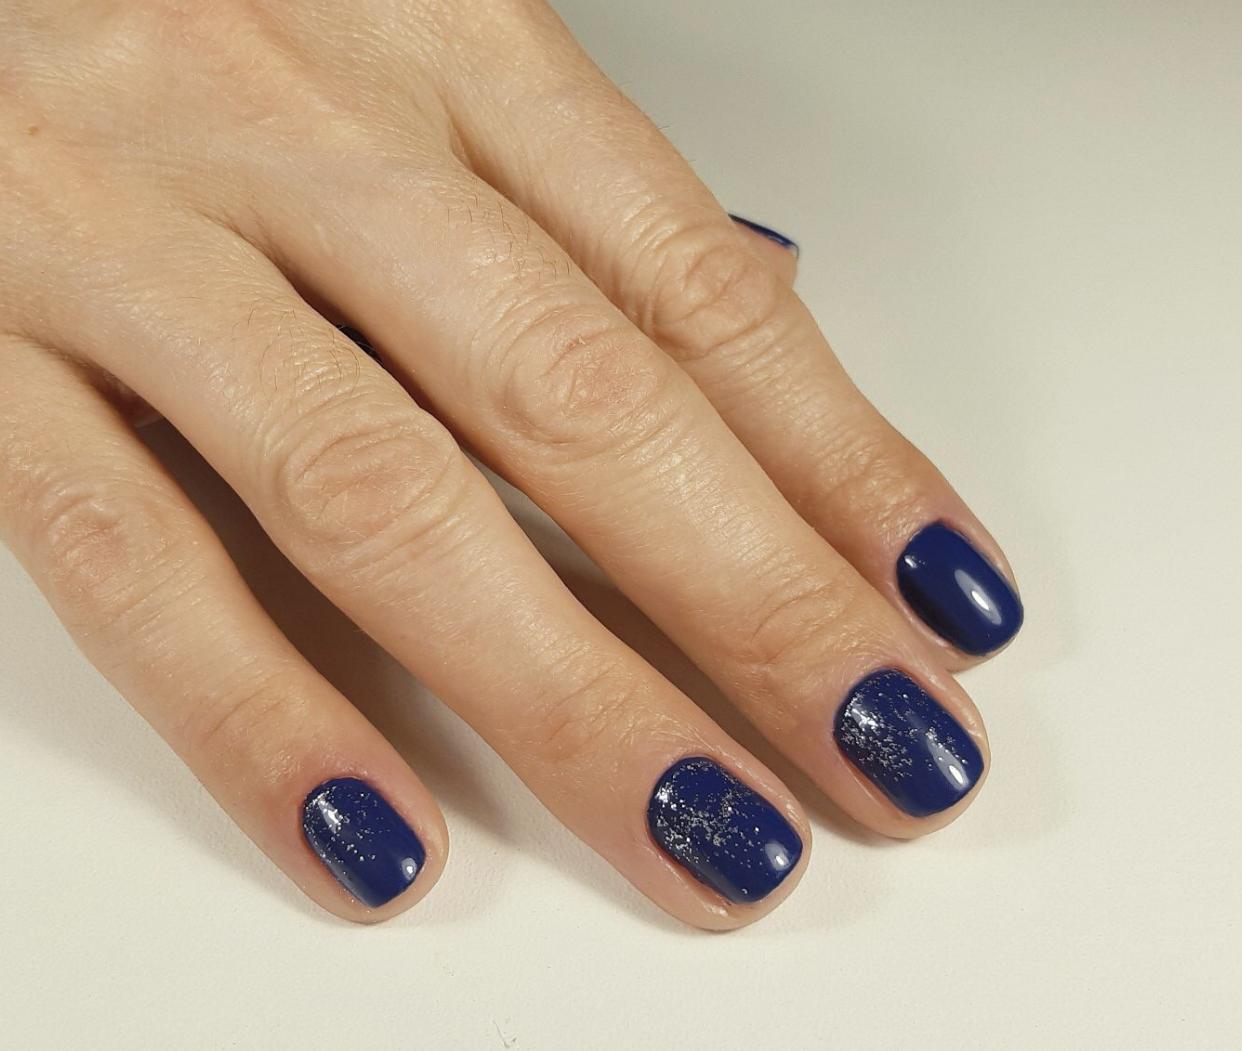 Маникюр с блестками в темно-синем цвете на короктие ногти.